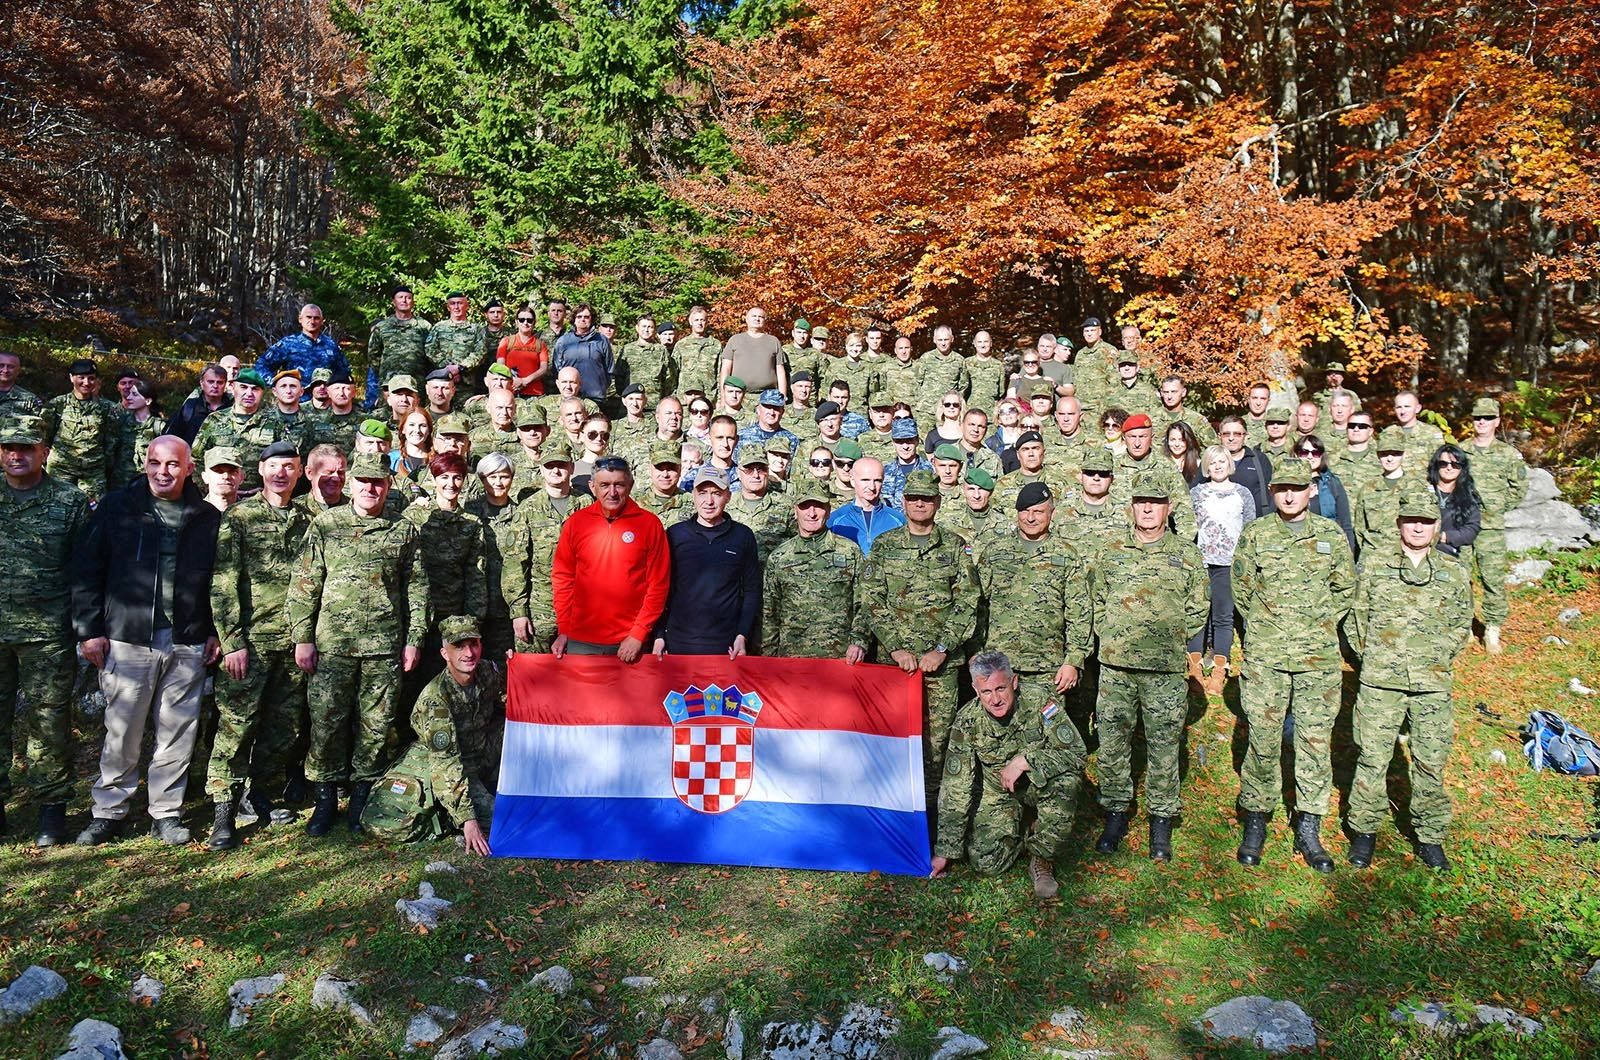 Ključno osoblje MORH-a i Hrvatske vojske u 15 km dugoj hodnji na Velebitu